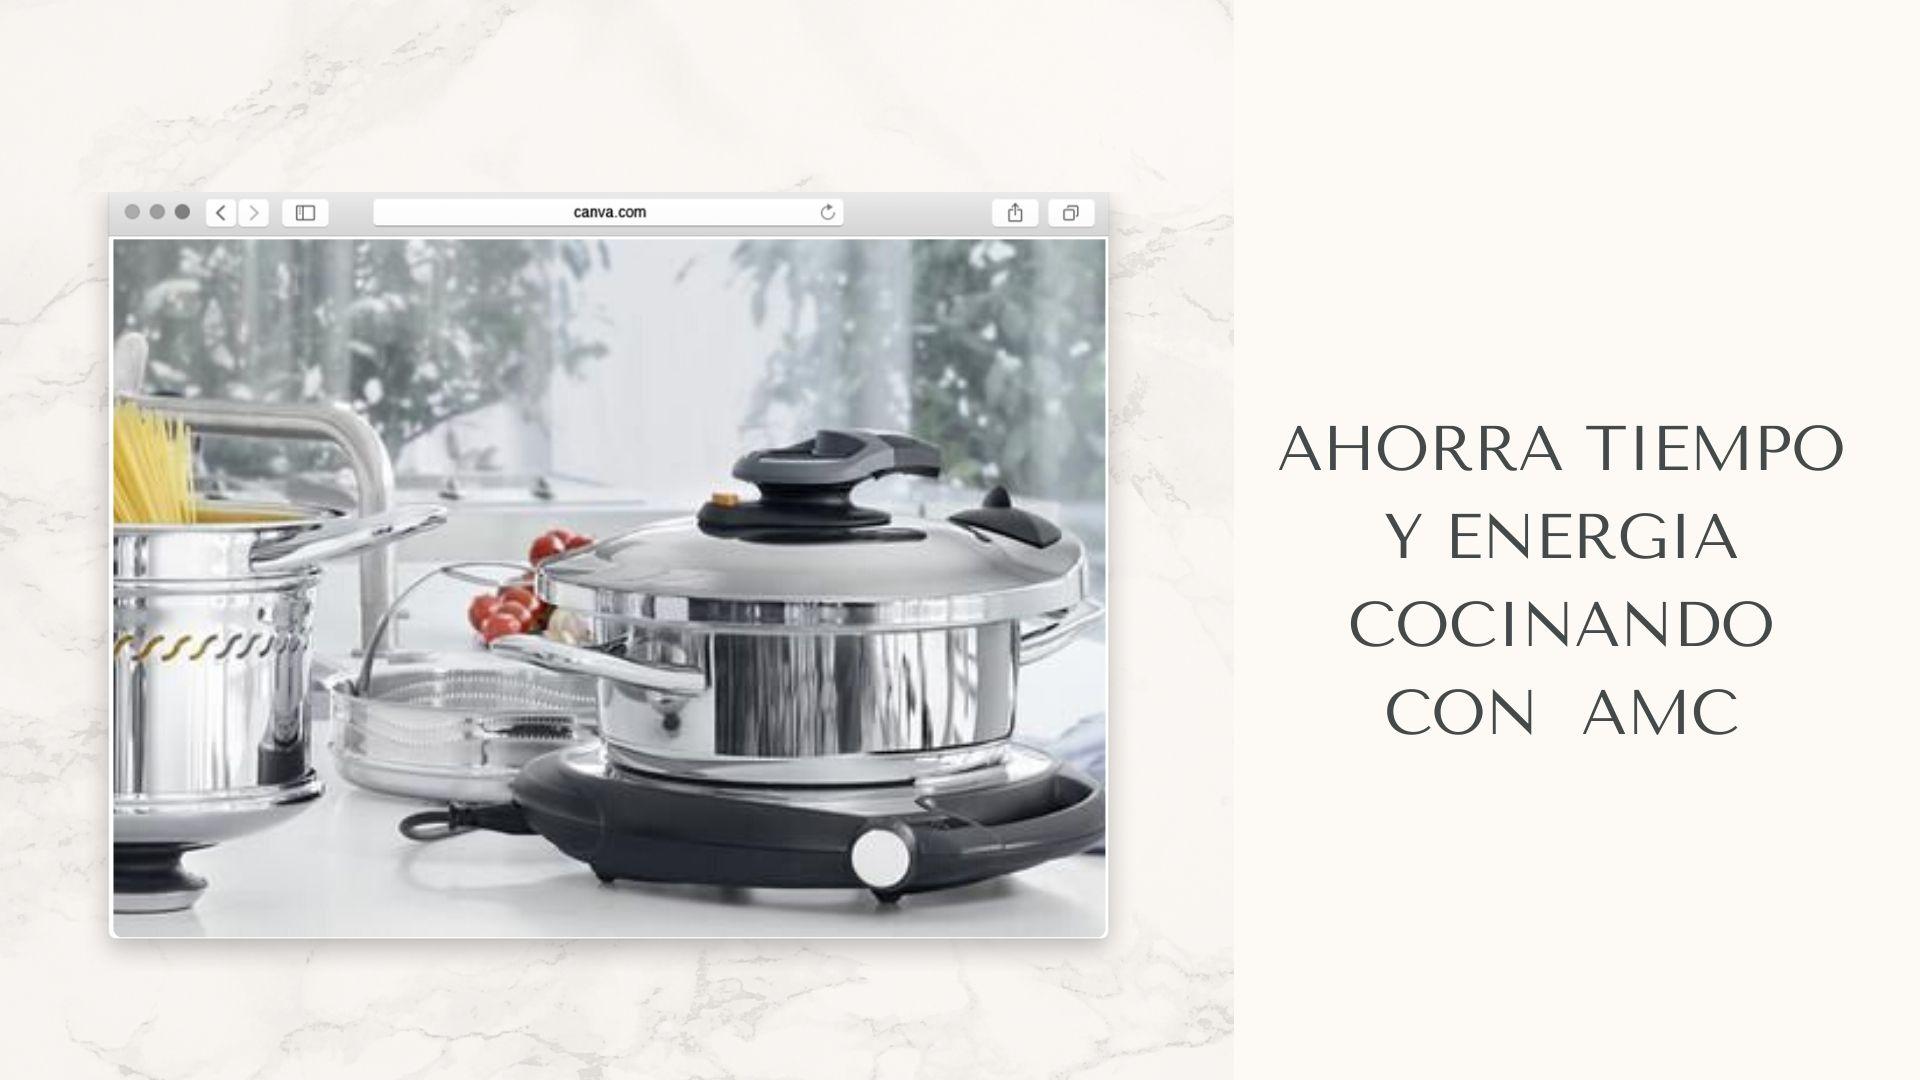 AHORRA TIEMPO Y ENERGIA COCINANDO CON AMC - TuvesyyoHago